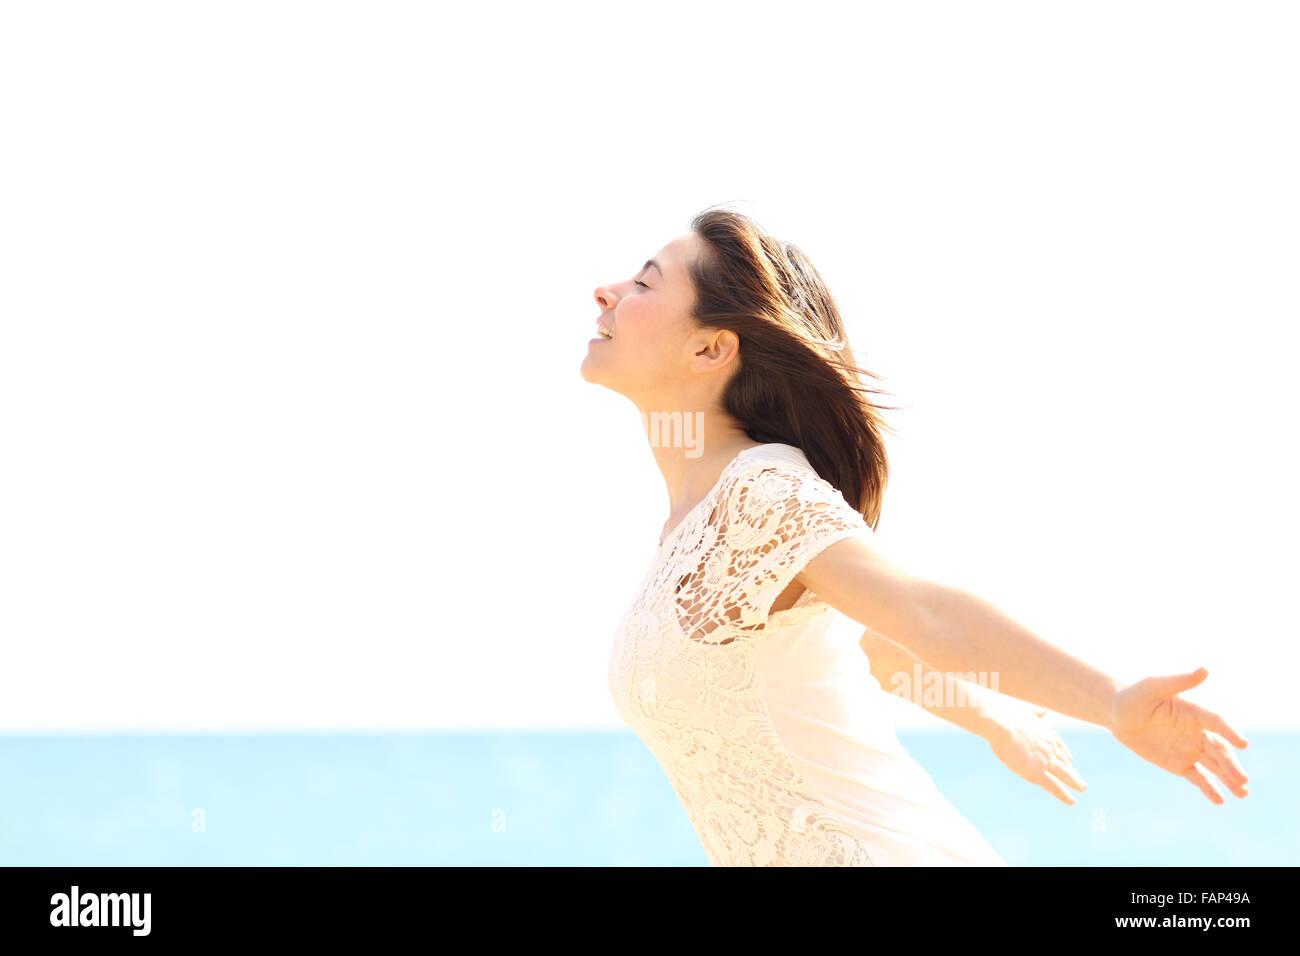 Mujer alegre y disfrutando del viento y respirar aire fresco en la playa en un día soleado y ventoso Foto de stock